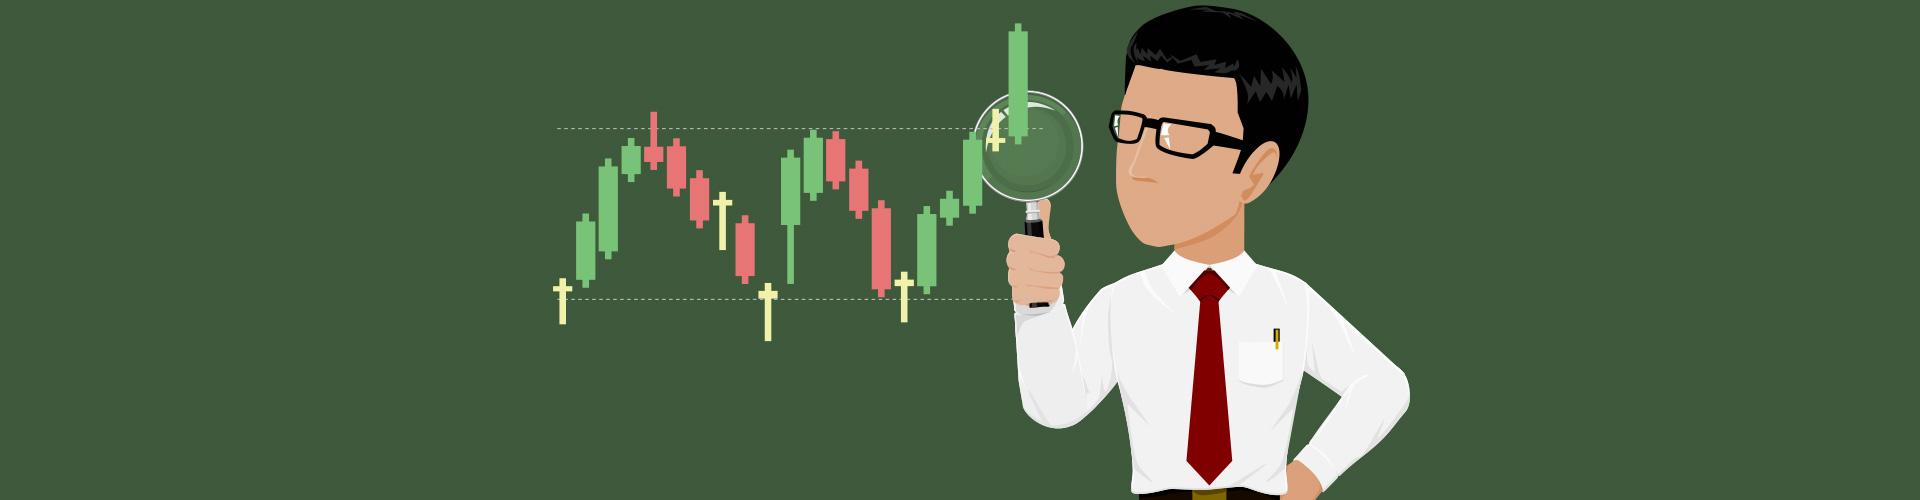 Untersuchung von dem Trading Chart